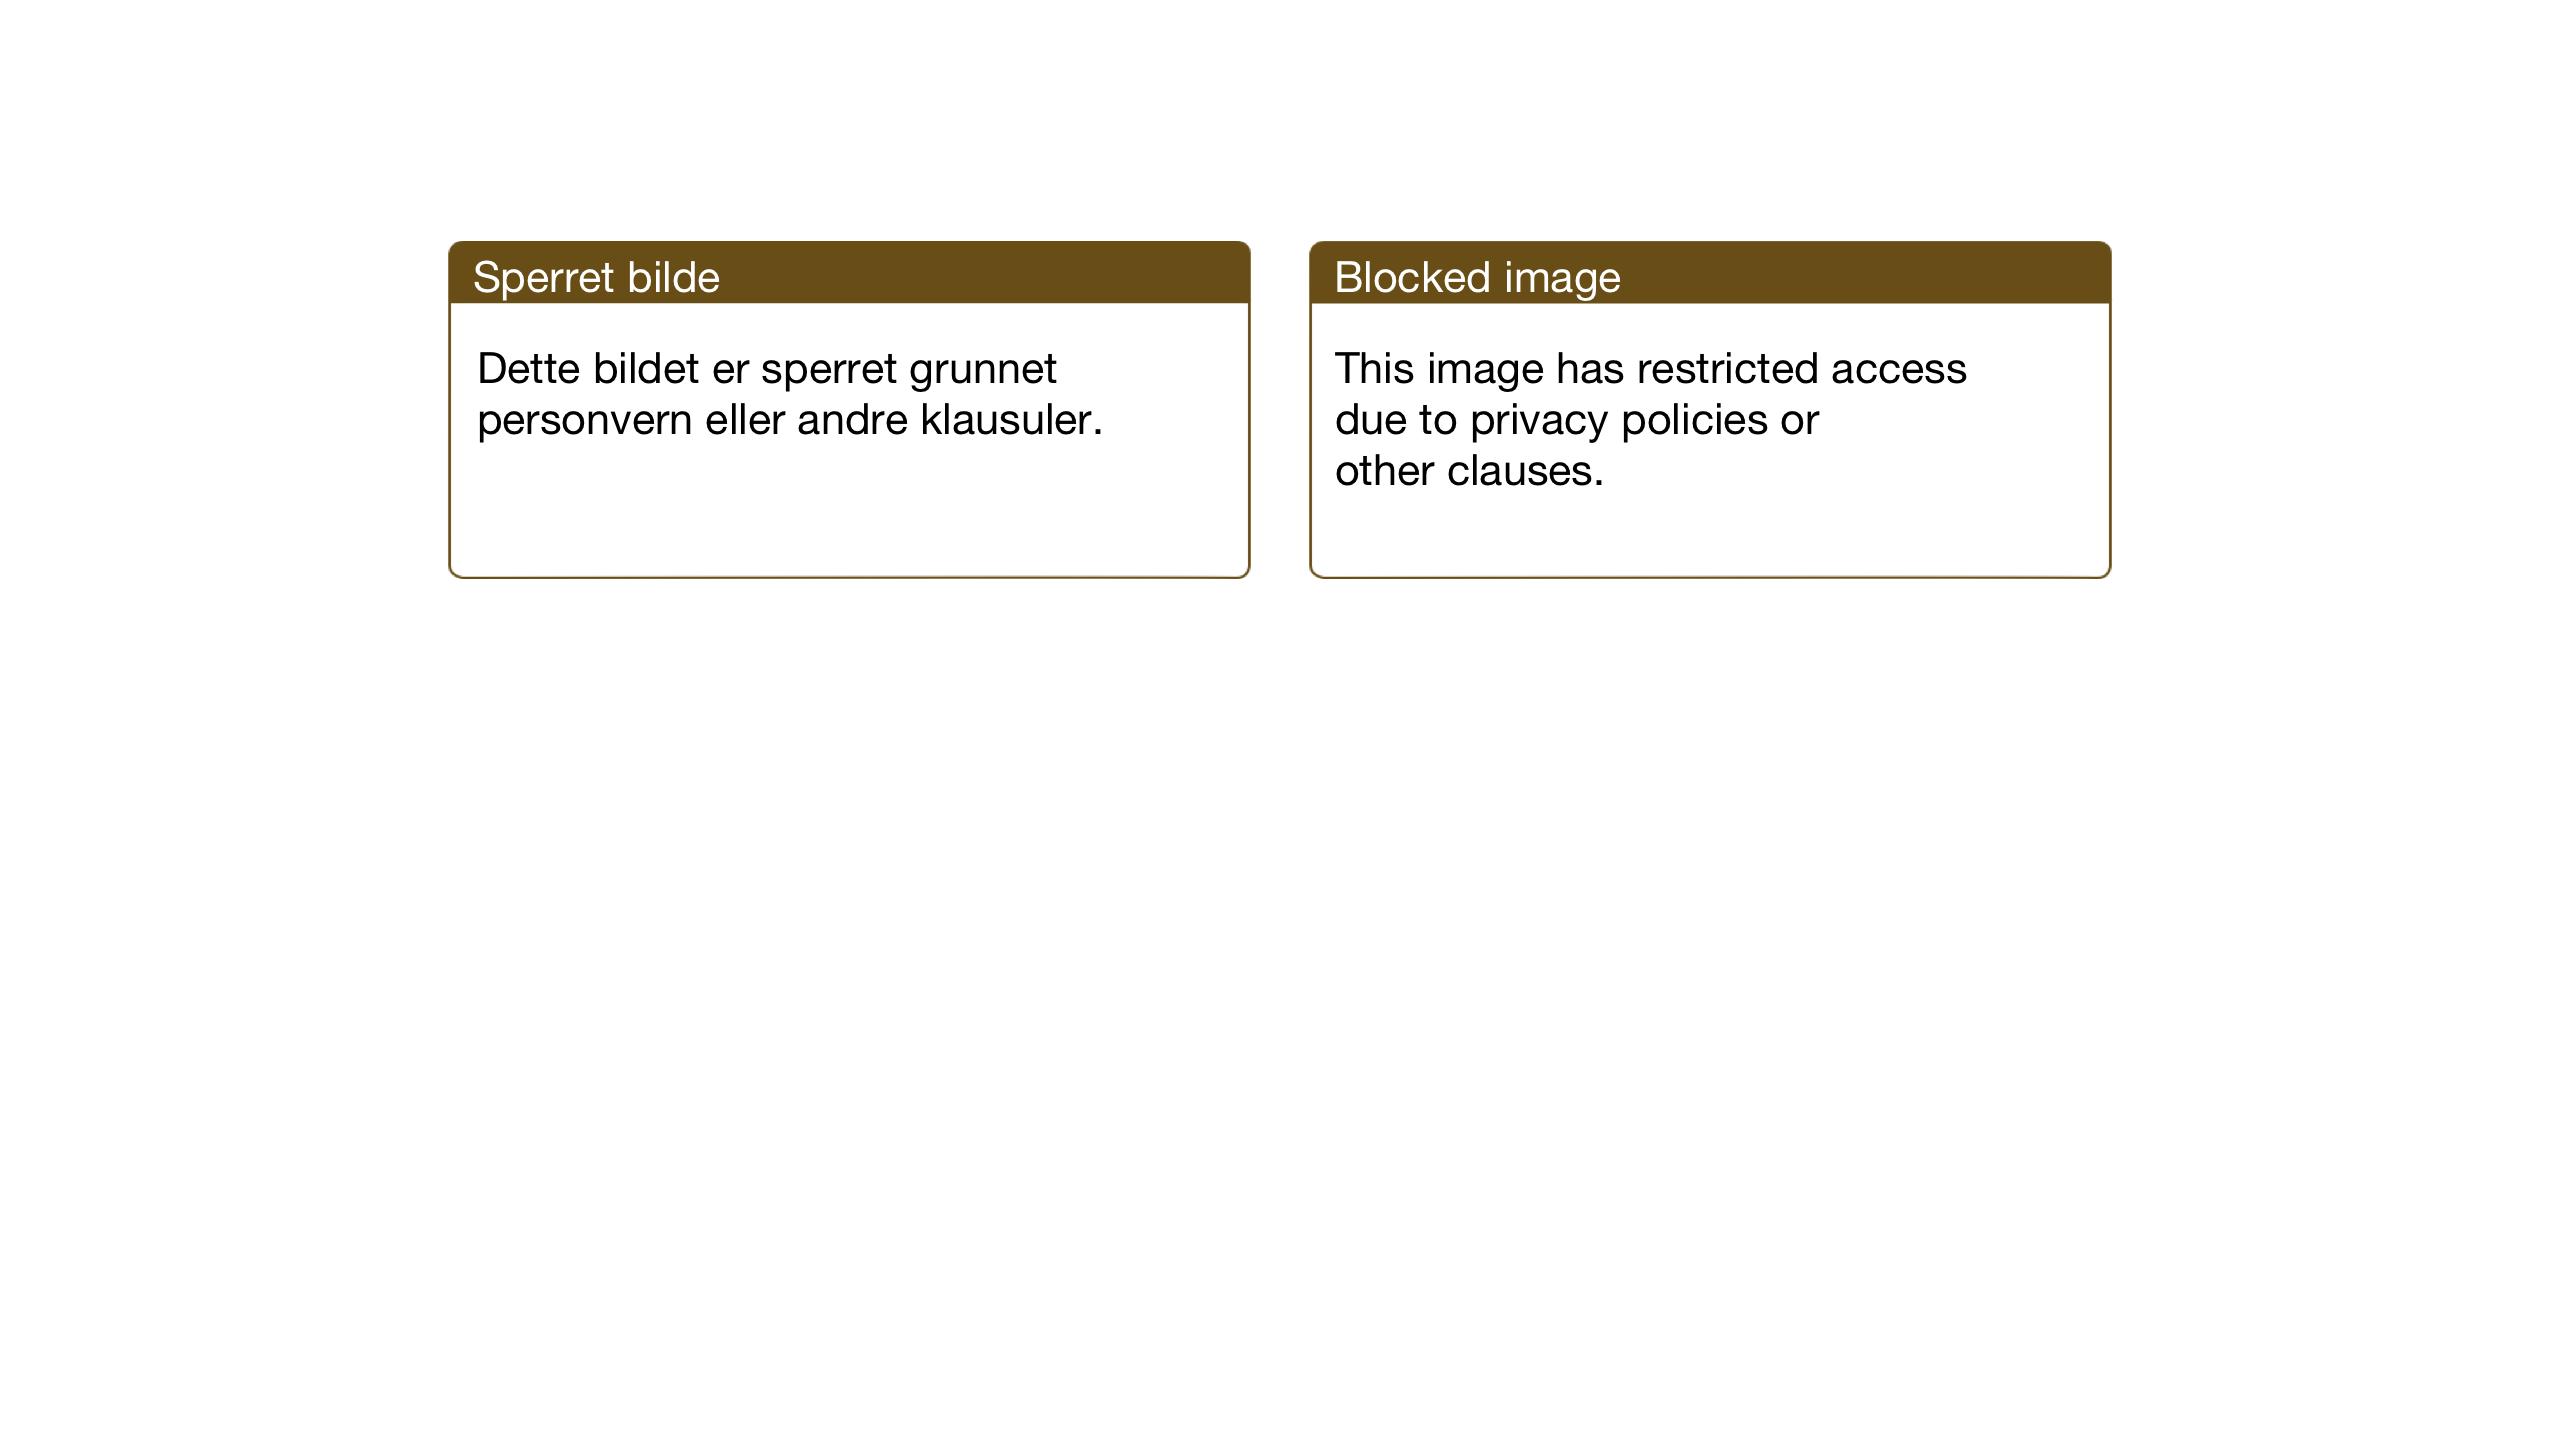 SAT, Ministerialprotokoller, klokkerbøker og fødselsregistre - Nord-Trøndelag, 714/L0136: Klokkerbok nr. 714C05, 1918-1957, s. 154